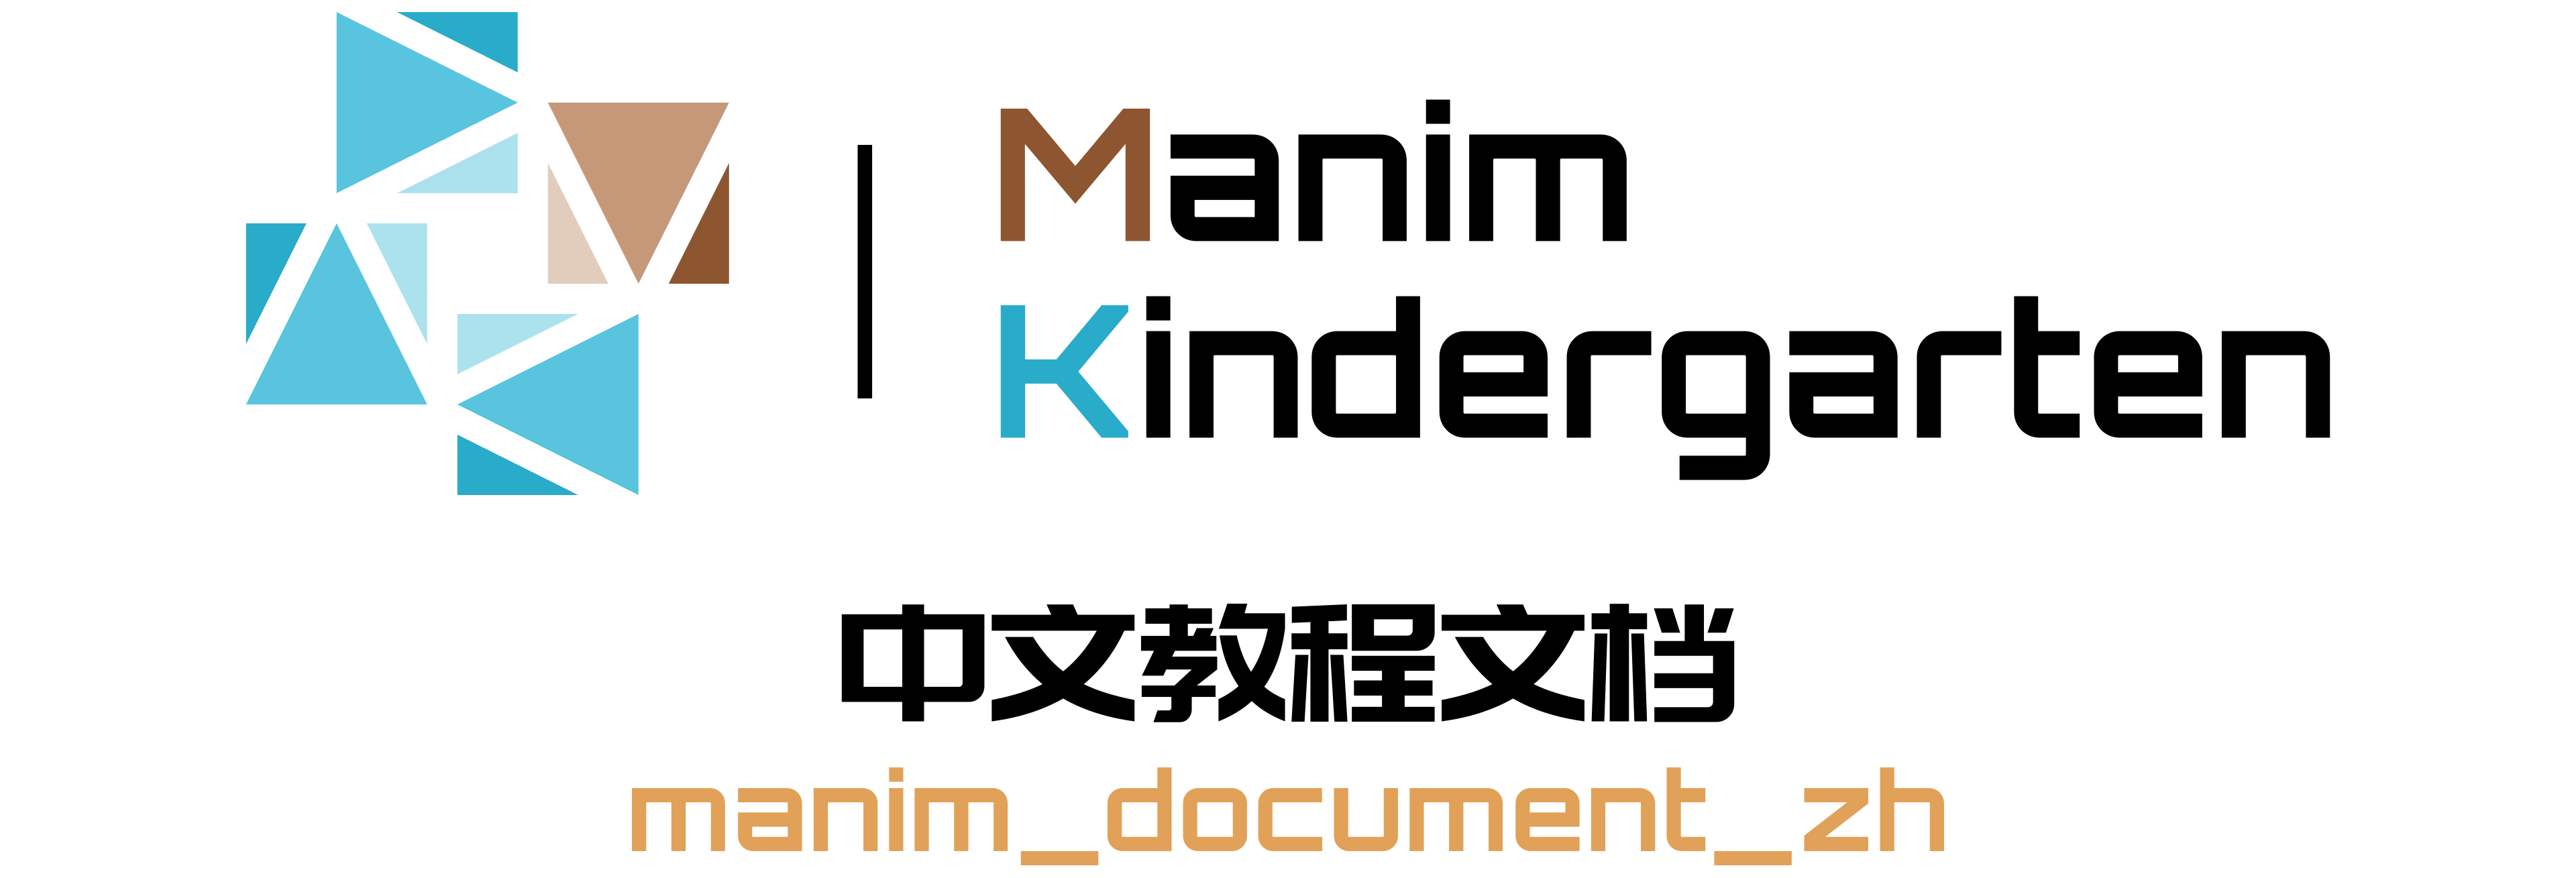 https://cdn.jsdelivr.net/gh/manim-kindergarten/CDN@master/manimgl_assets/DocumentHeader.png